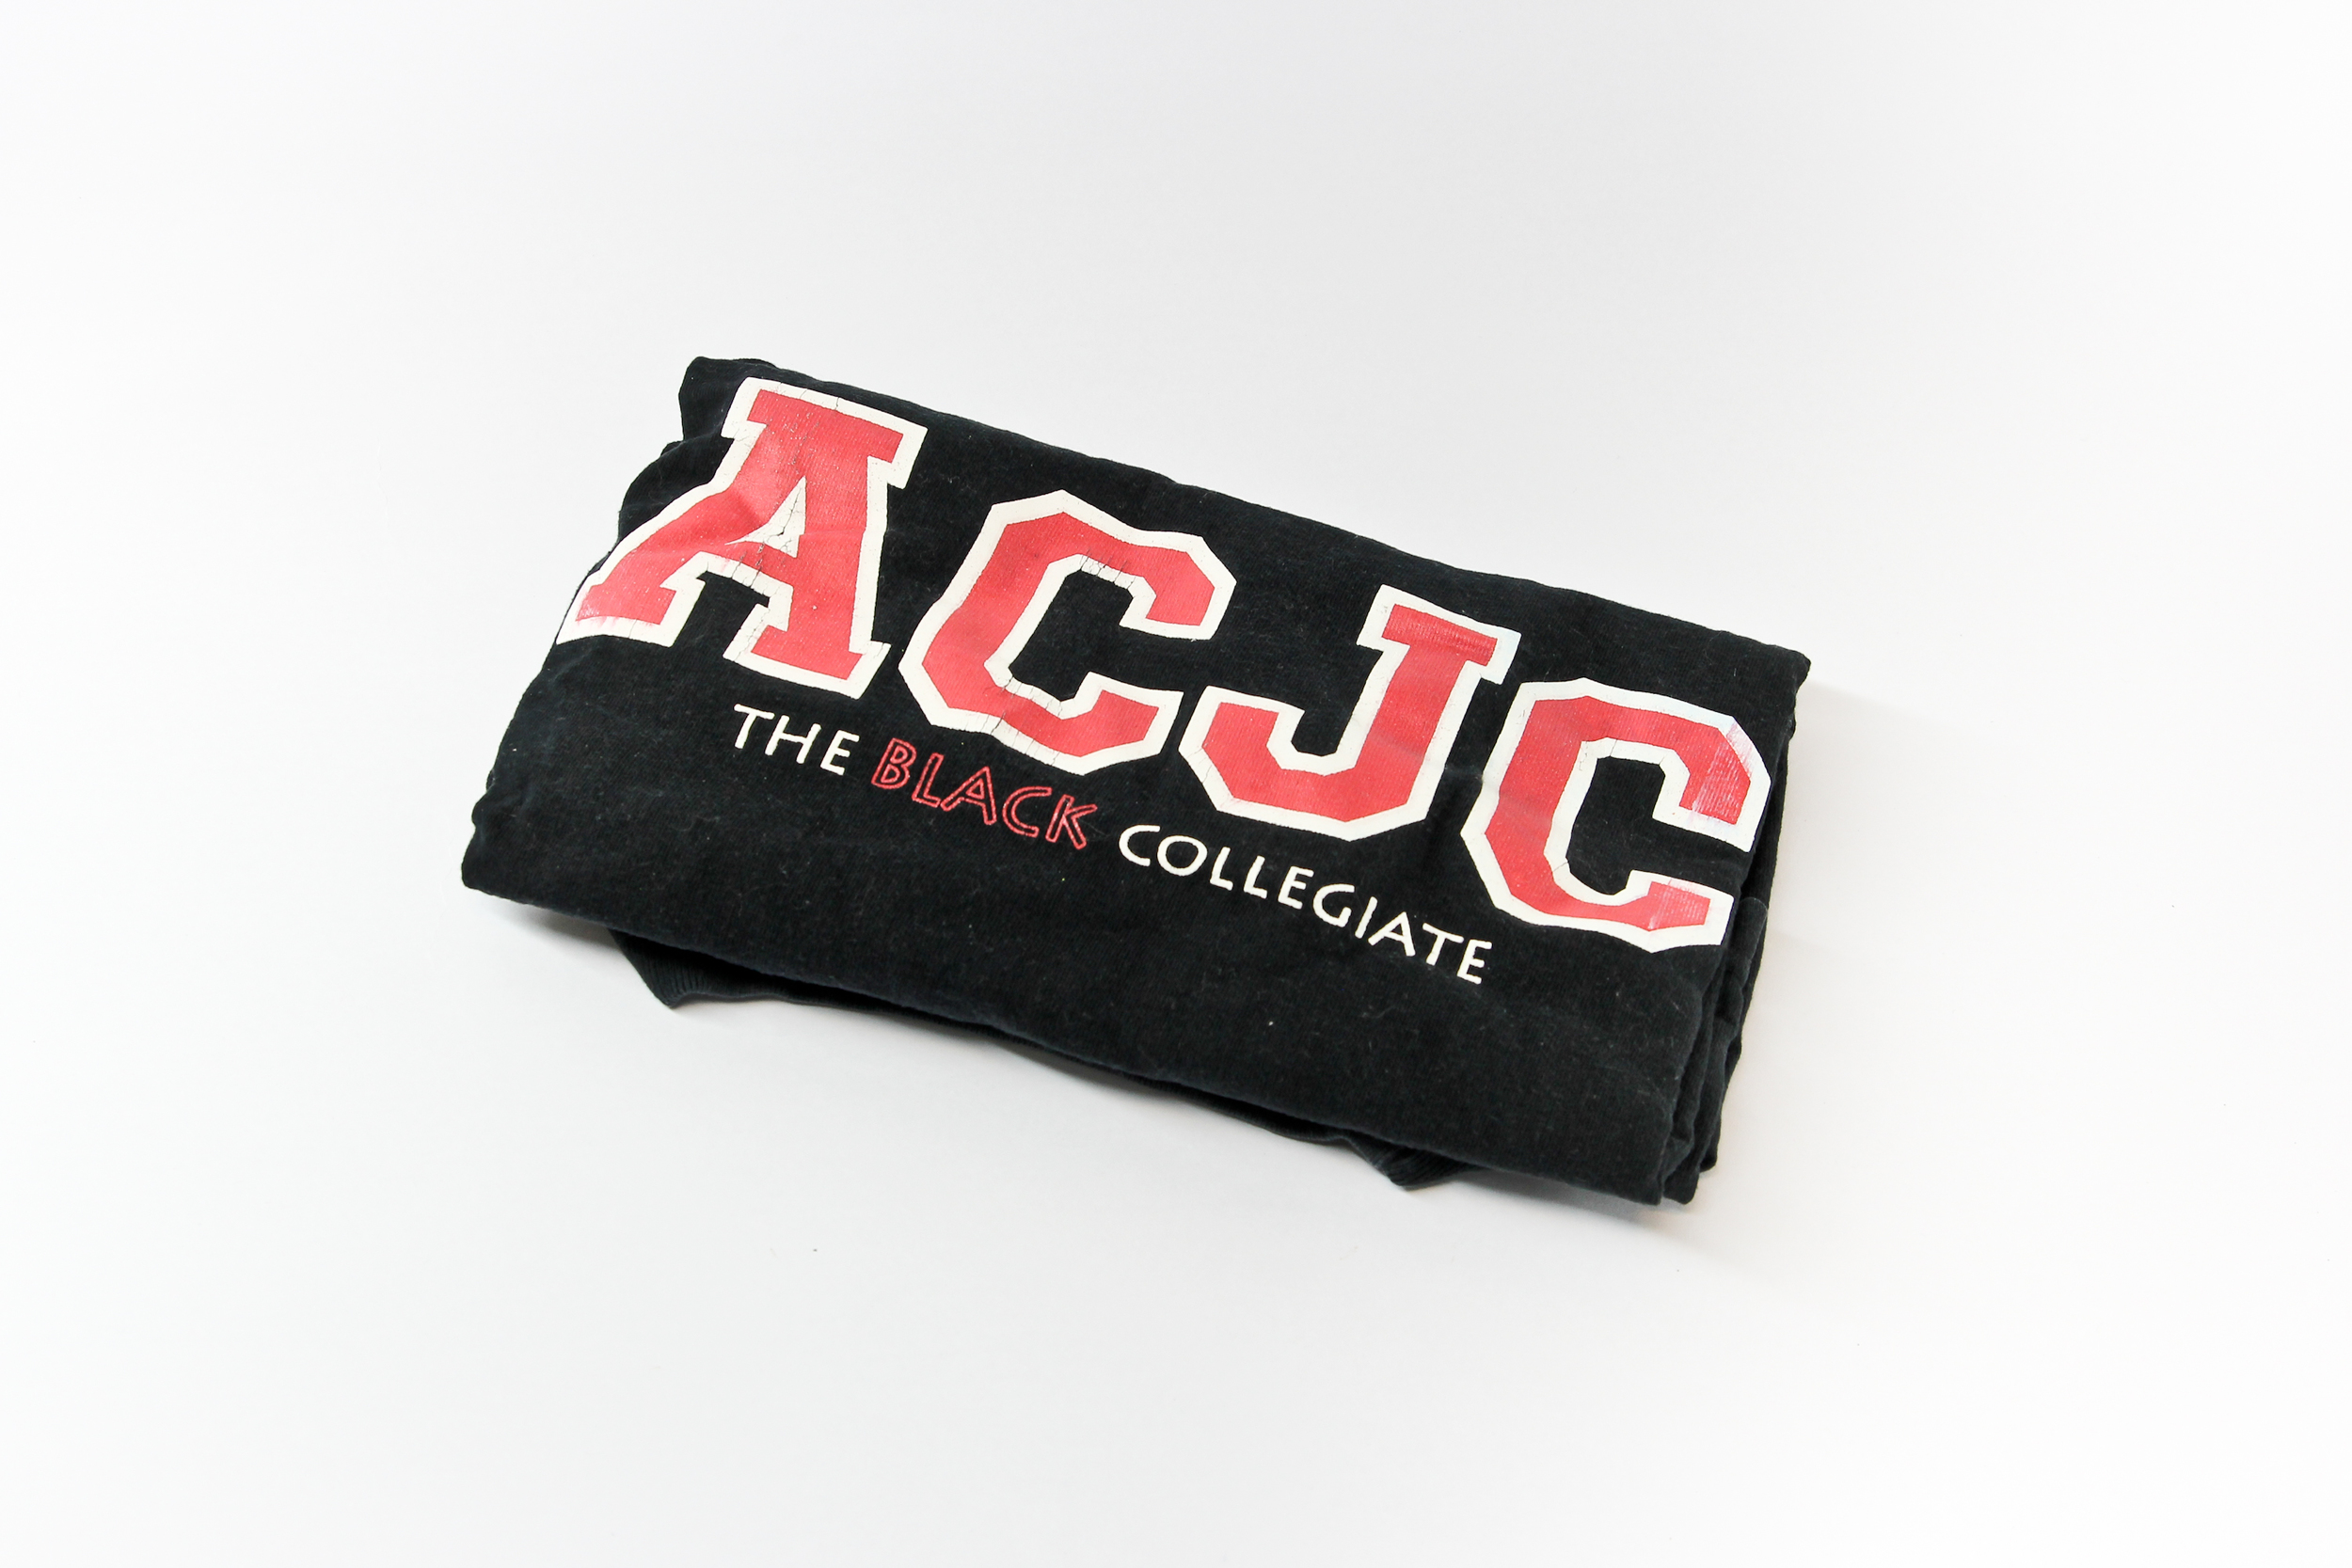 Collegiate t-shirt